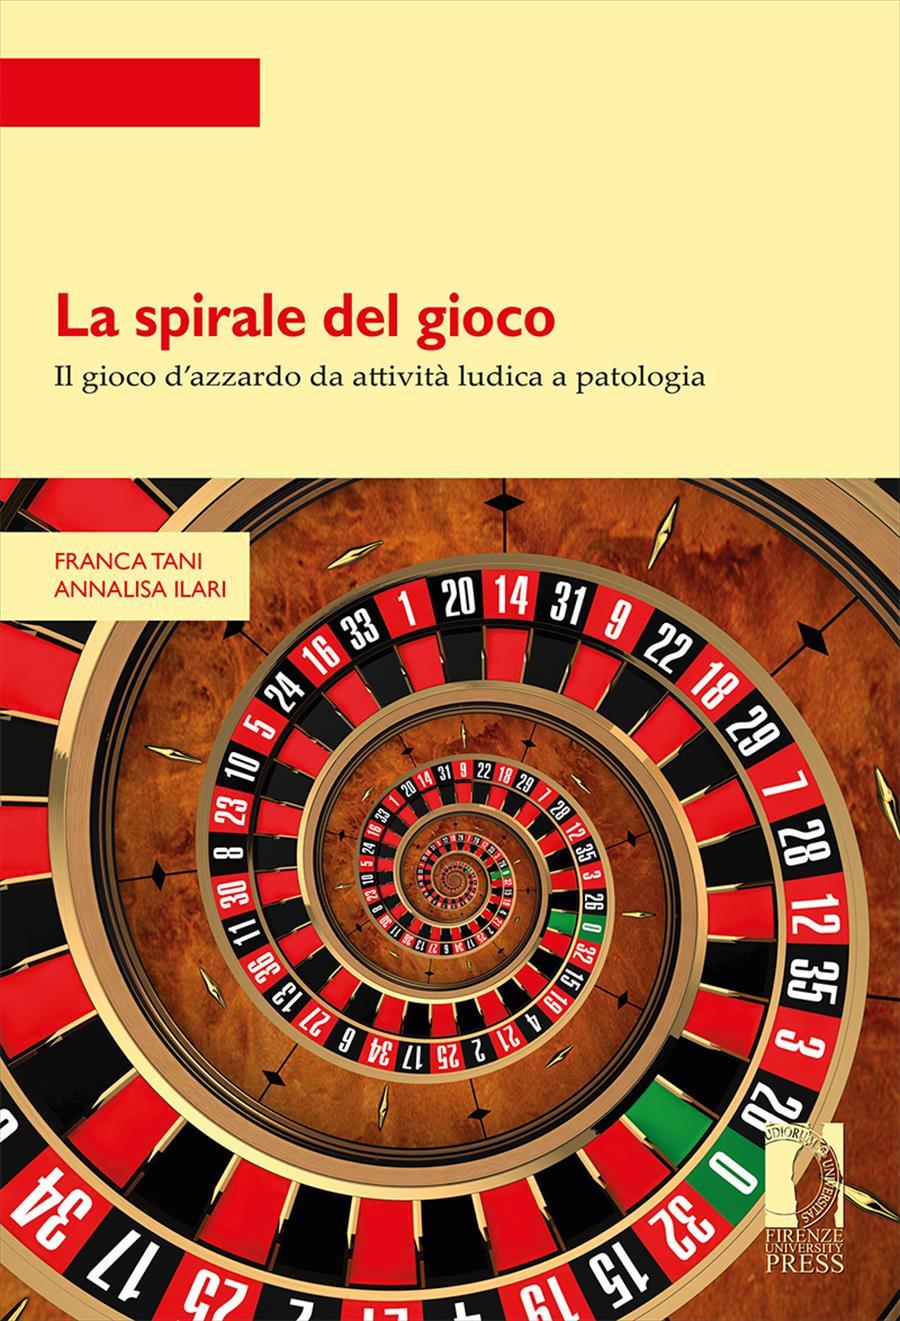 La spirale del gioco